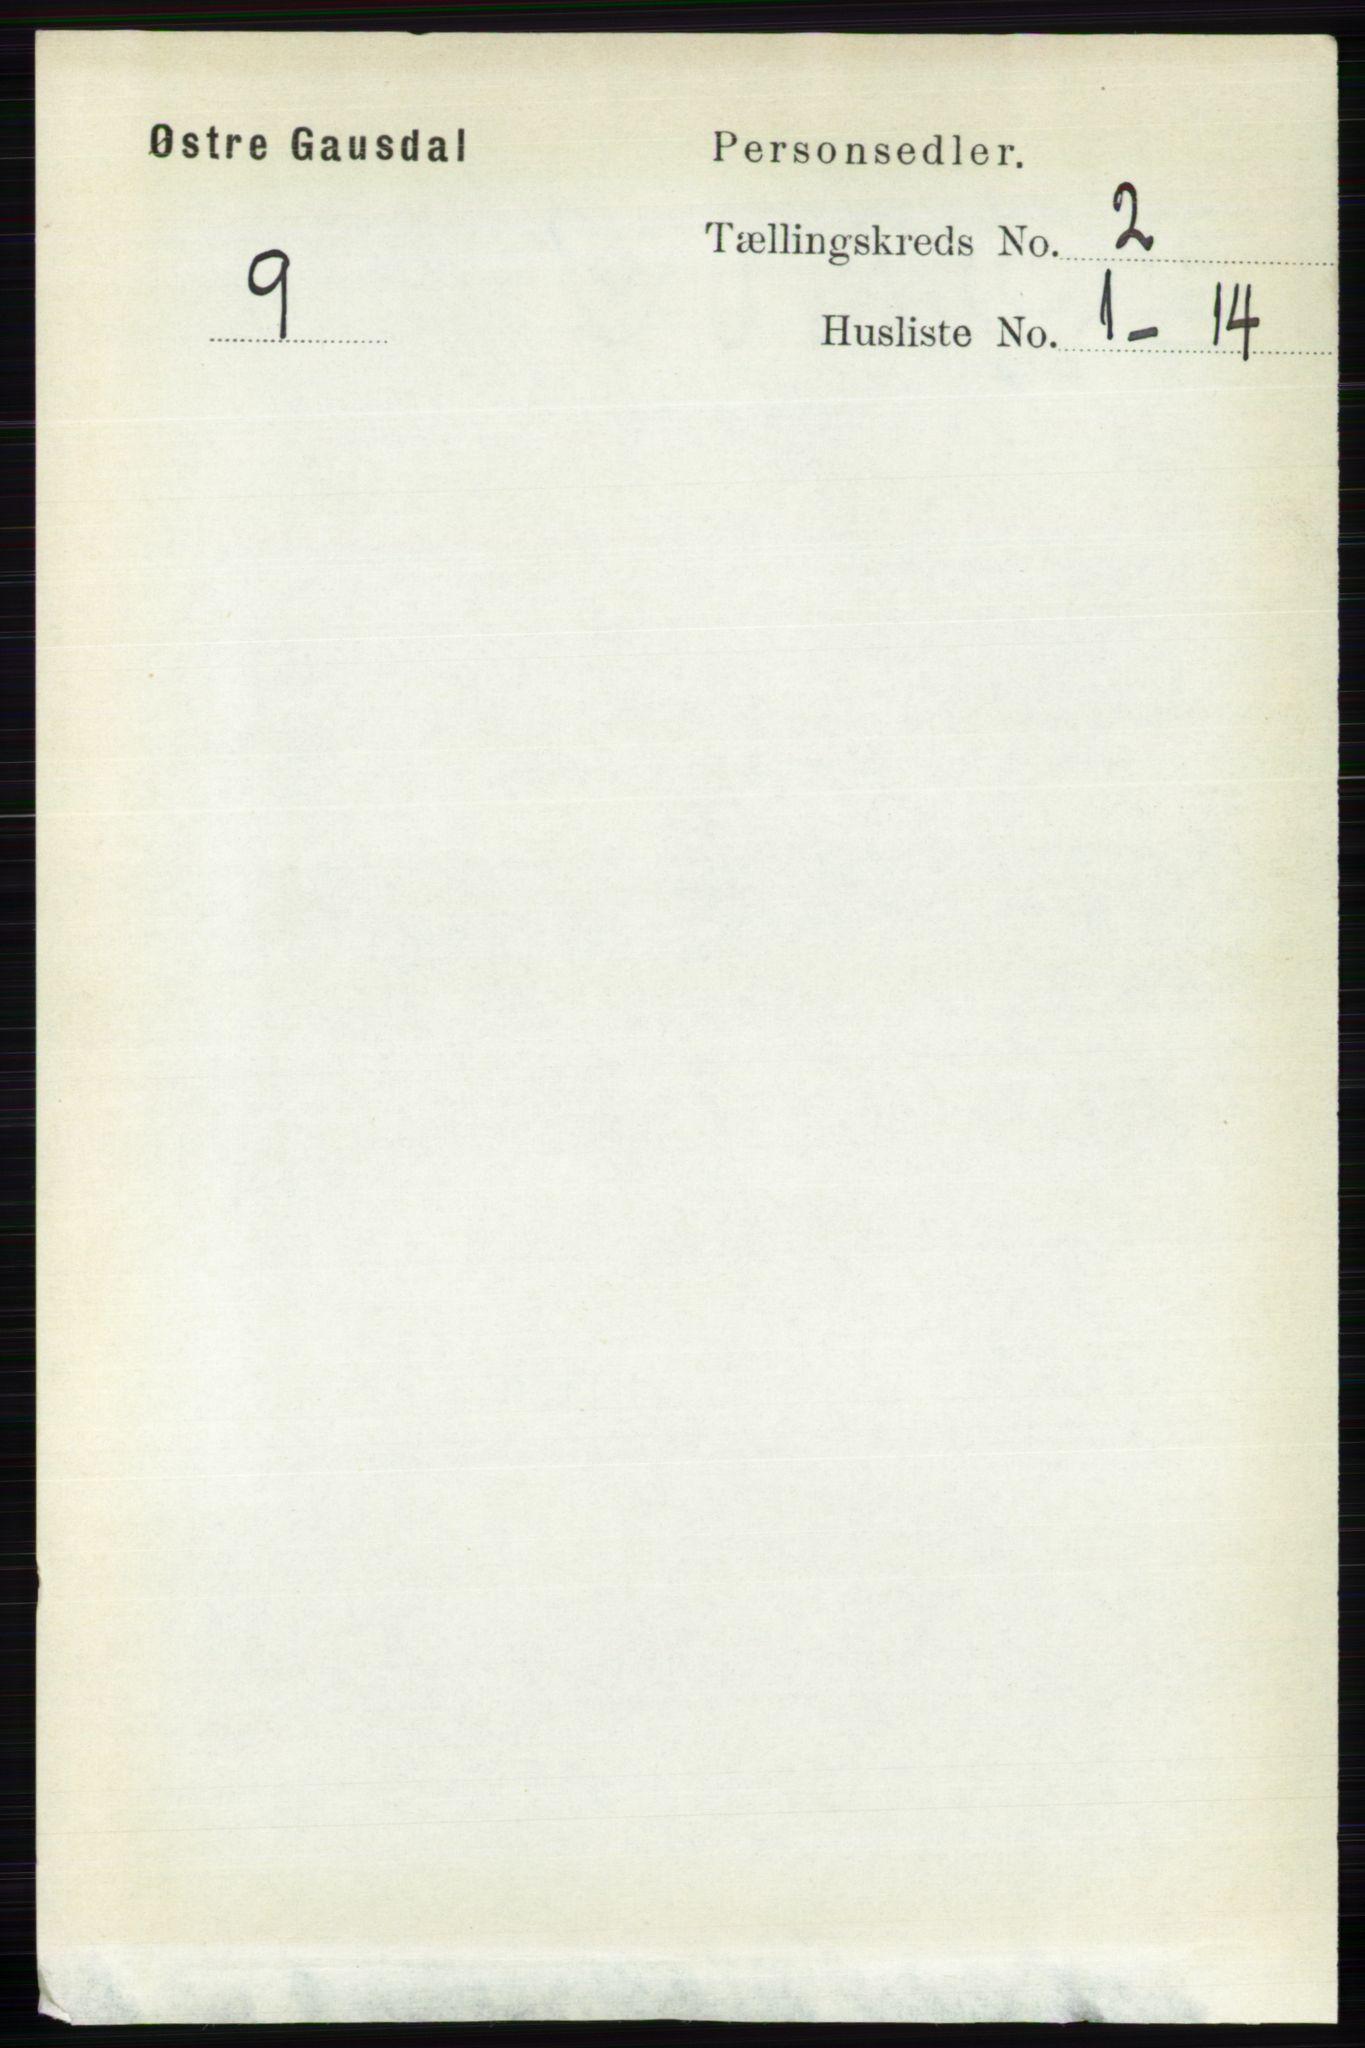 RA, Folketelling 1891 for 0522 Østre Gausdal herred, 1891, s. 1152